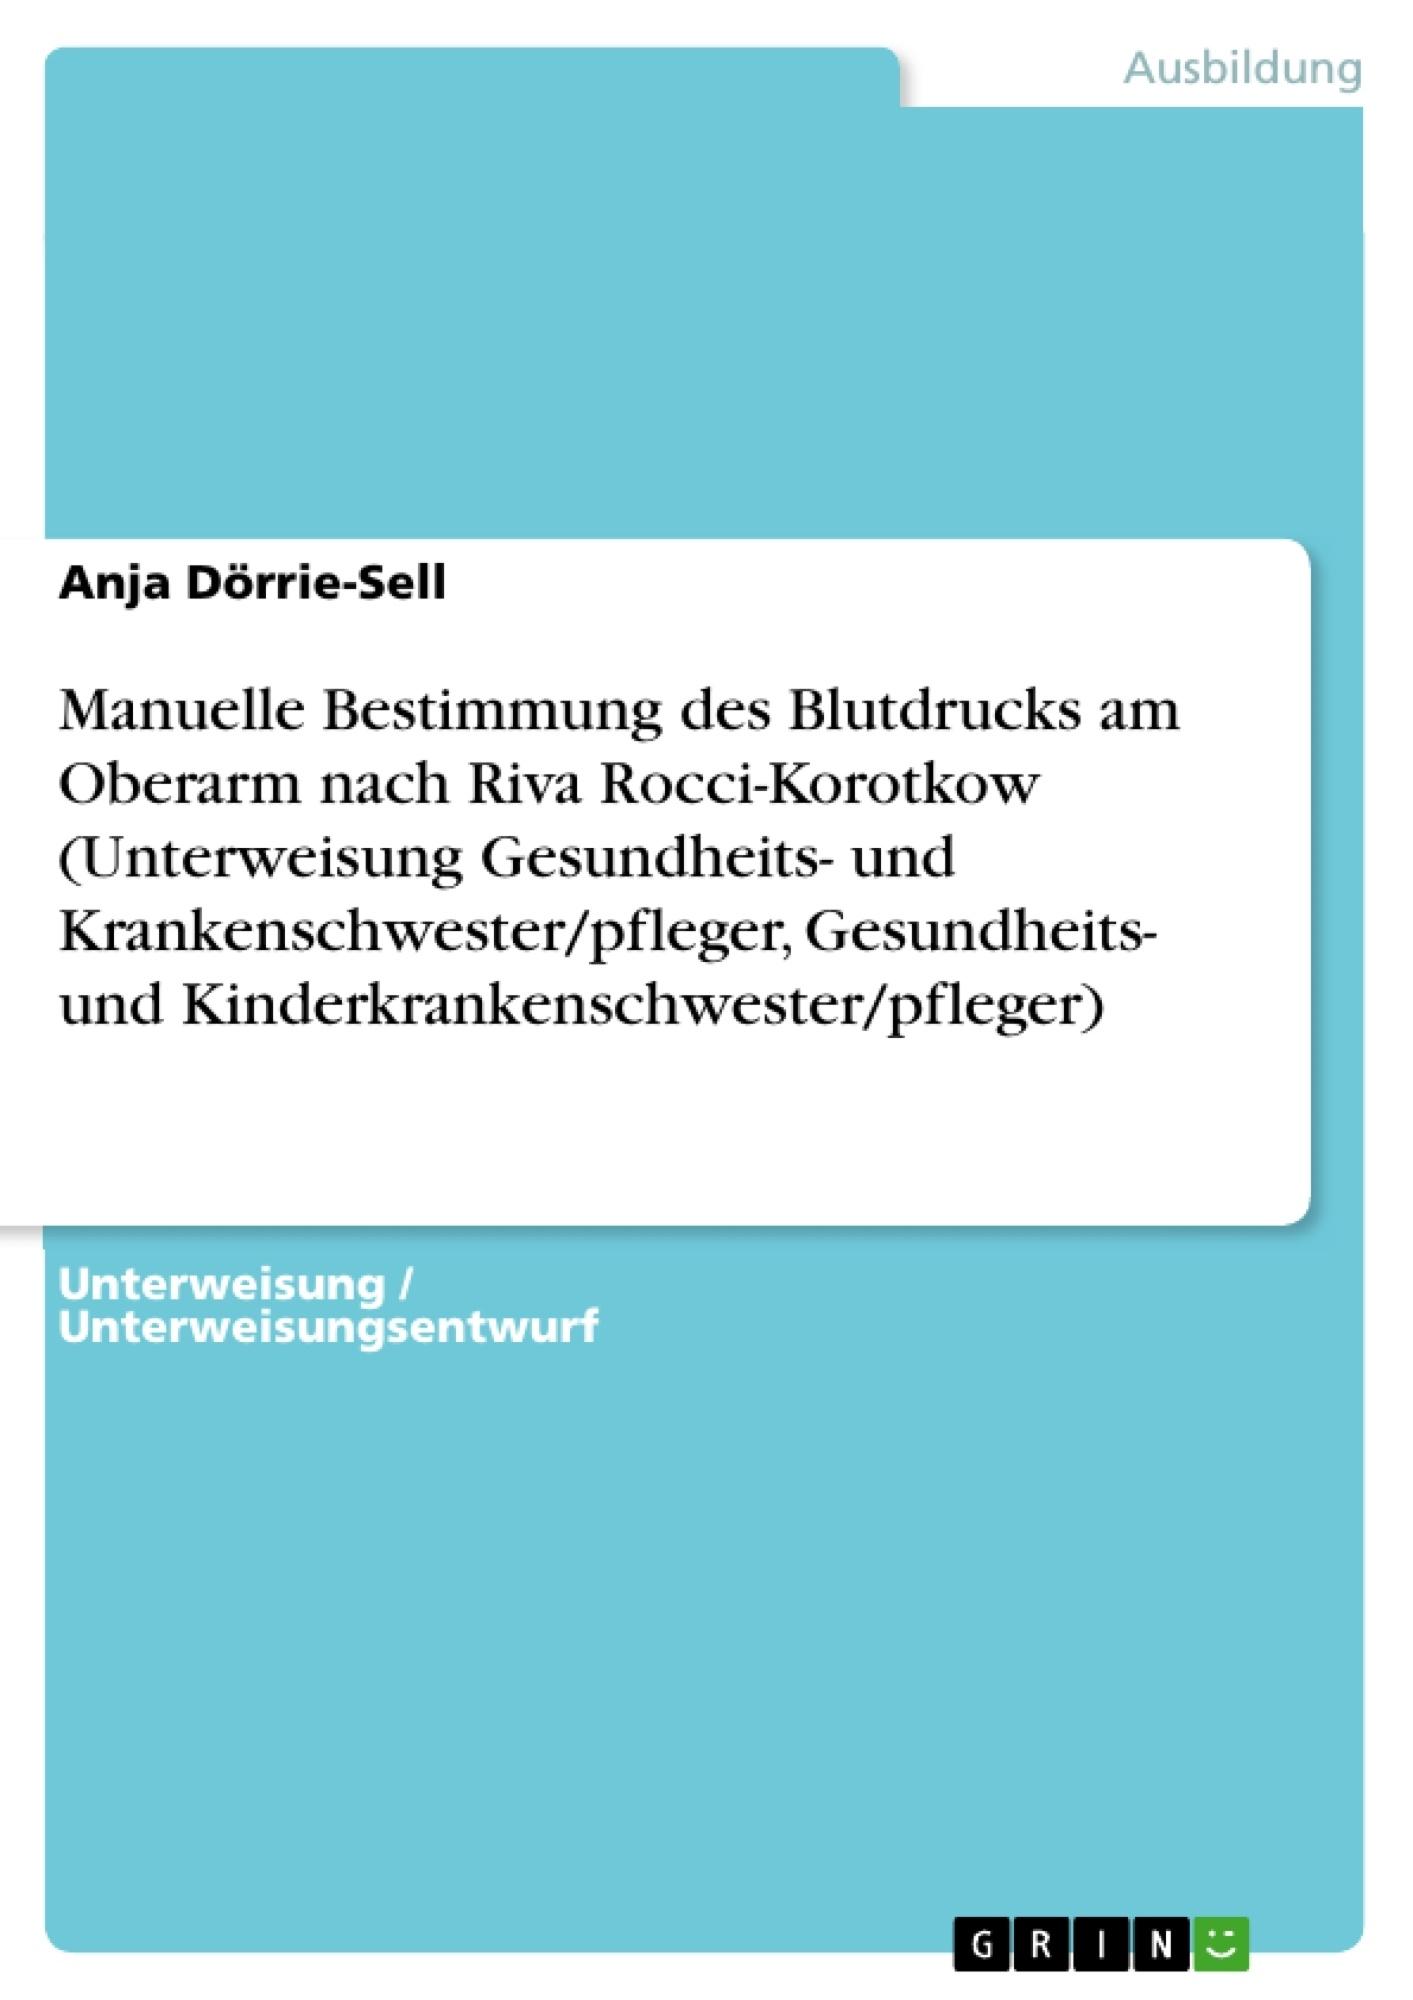 Titel: Manuelle Bestimmung des Blutdrucks am Oberarm nach Riva Rocci-Korotkow (Unterweisung Gesundheits- und Krankenschwester/pfleger, Gesundheits- und Kinderkrankenschwester/pfleger)